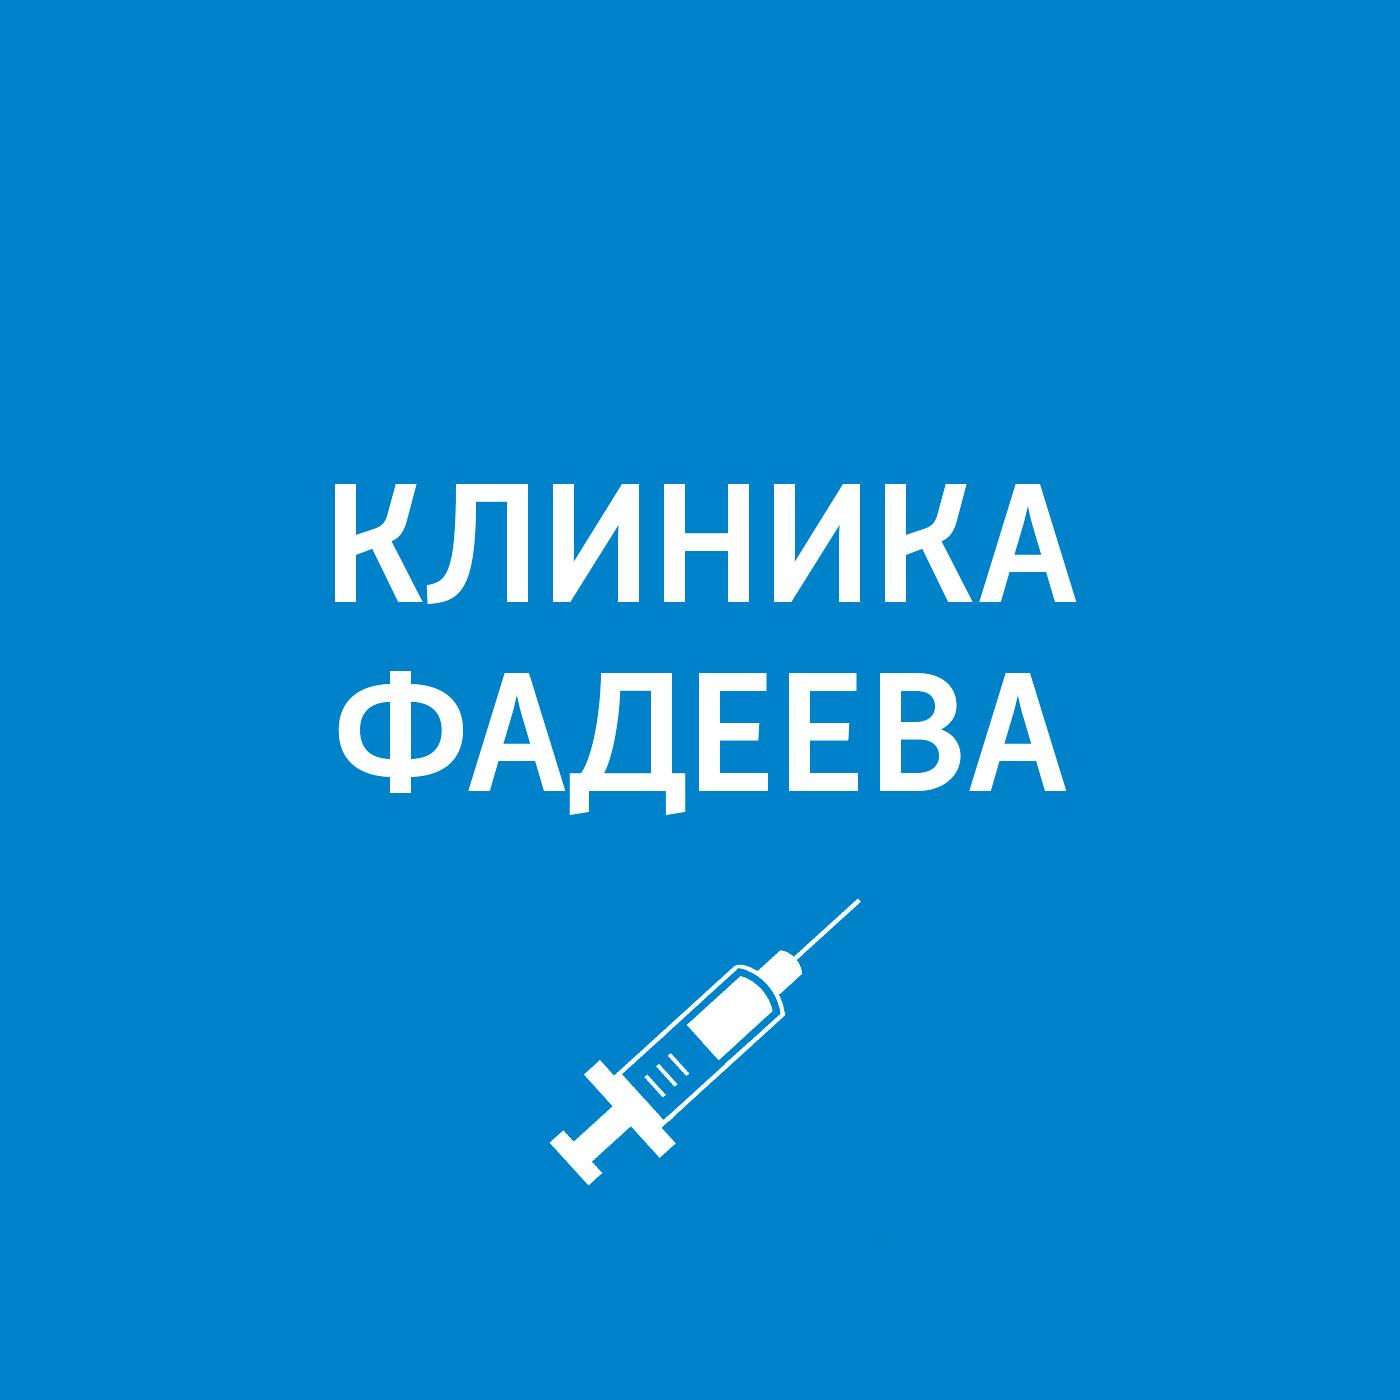 Пётр Фадеев Простуда, ОРВИ, ОРЗ, грипп... наталья кушлина грипп простуда и золотой ус